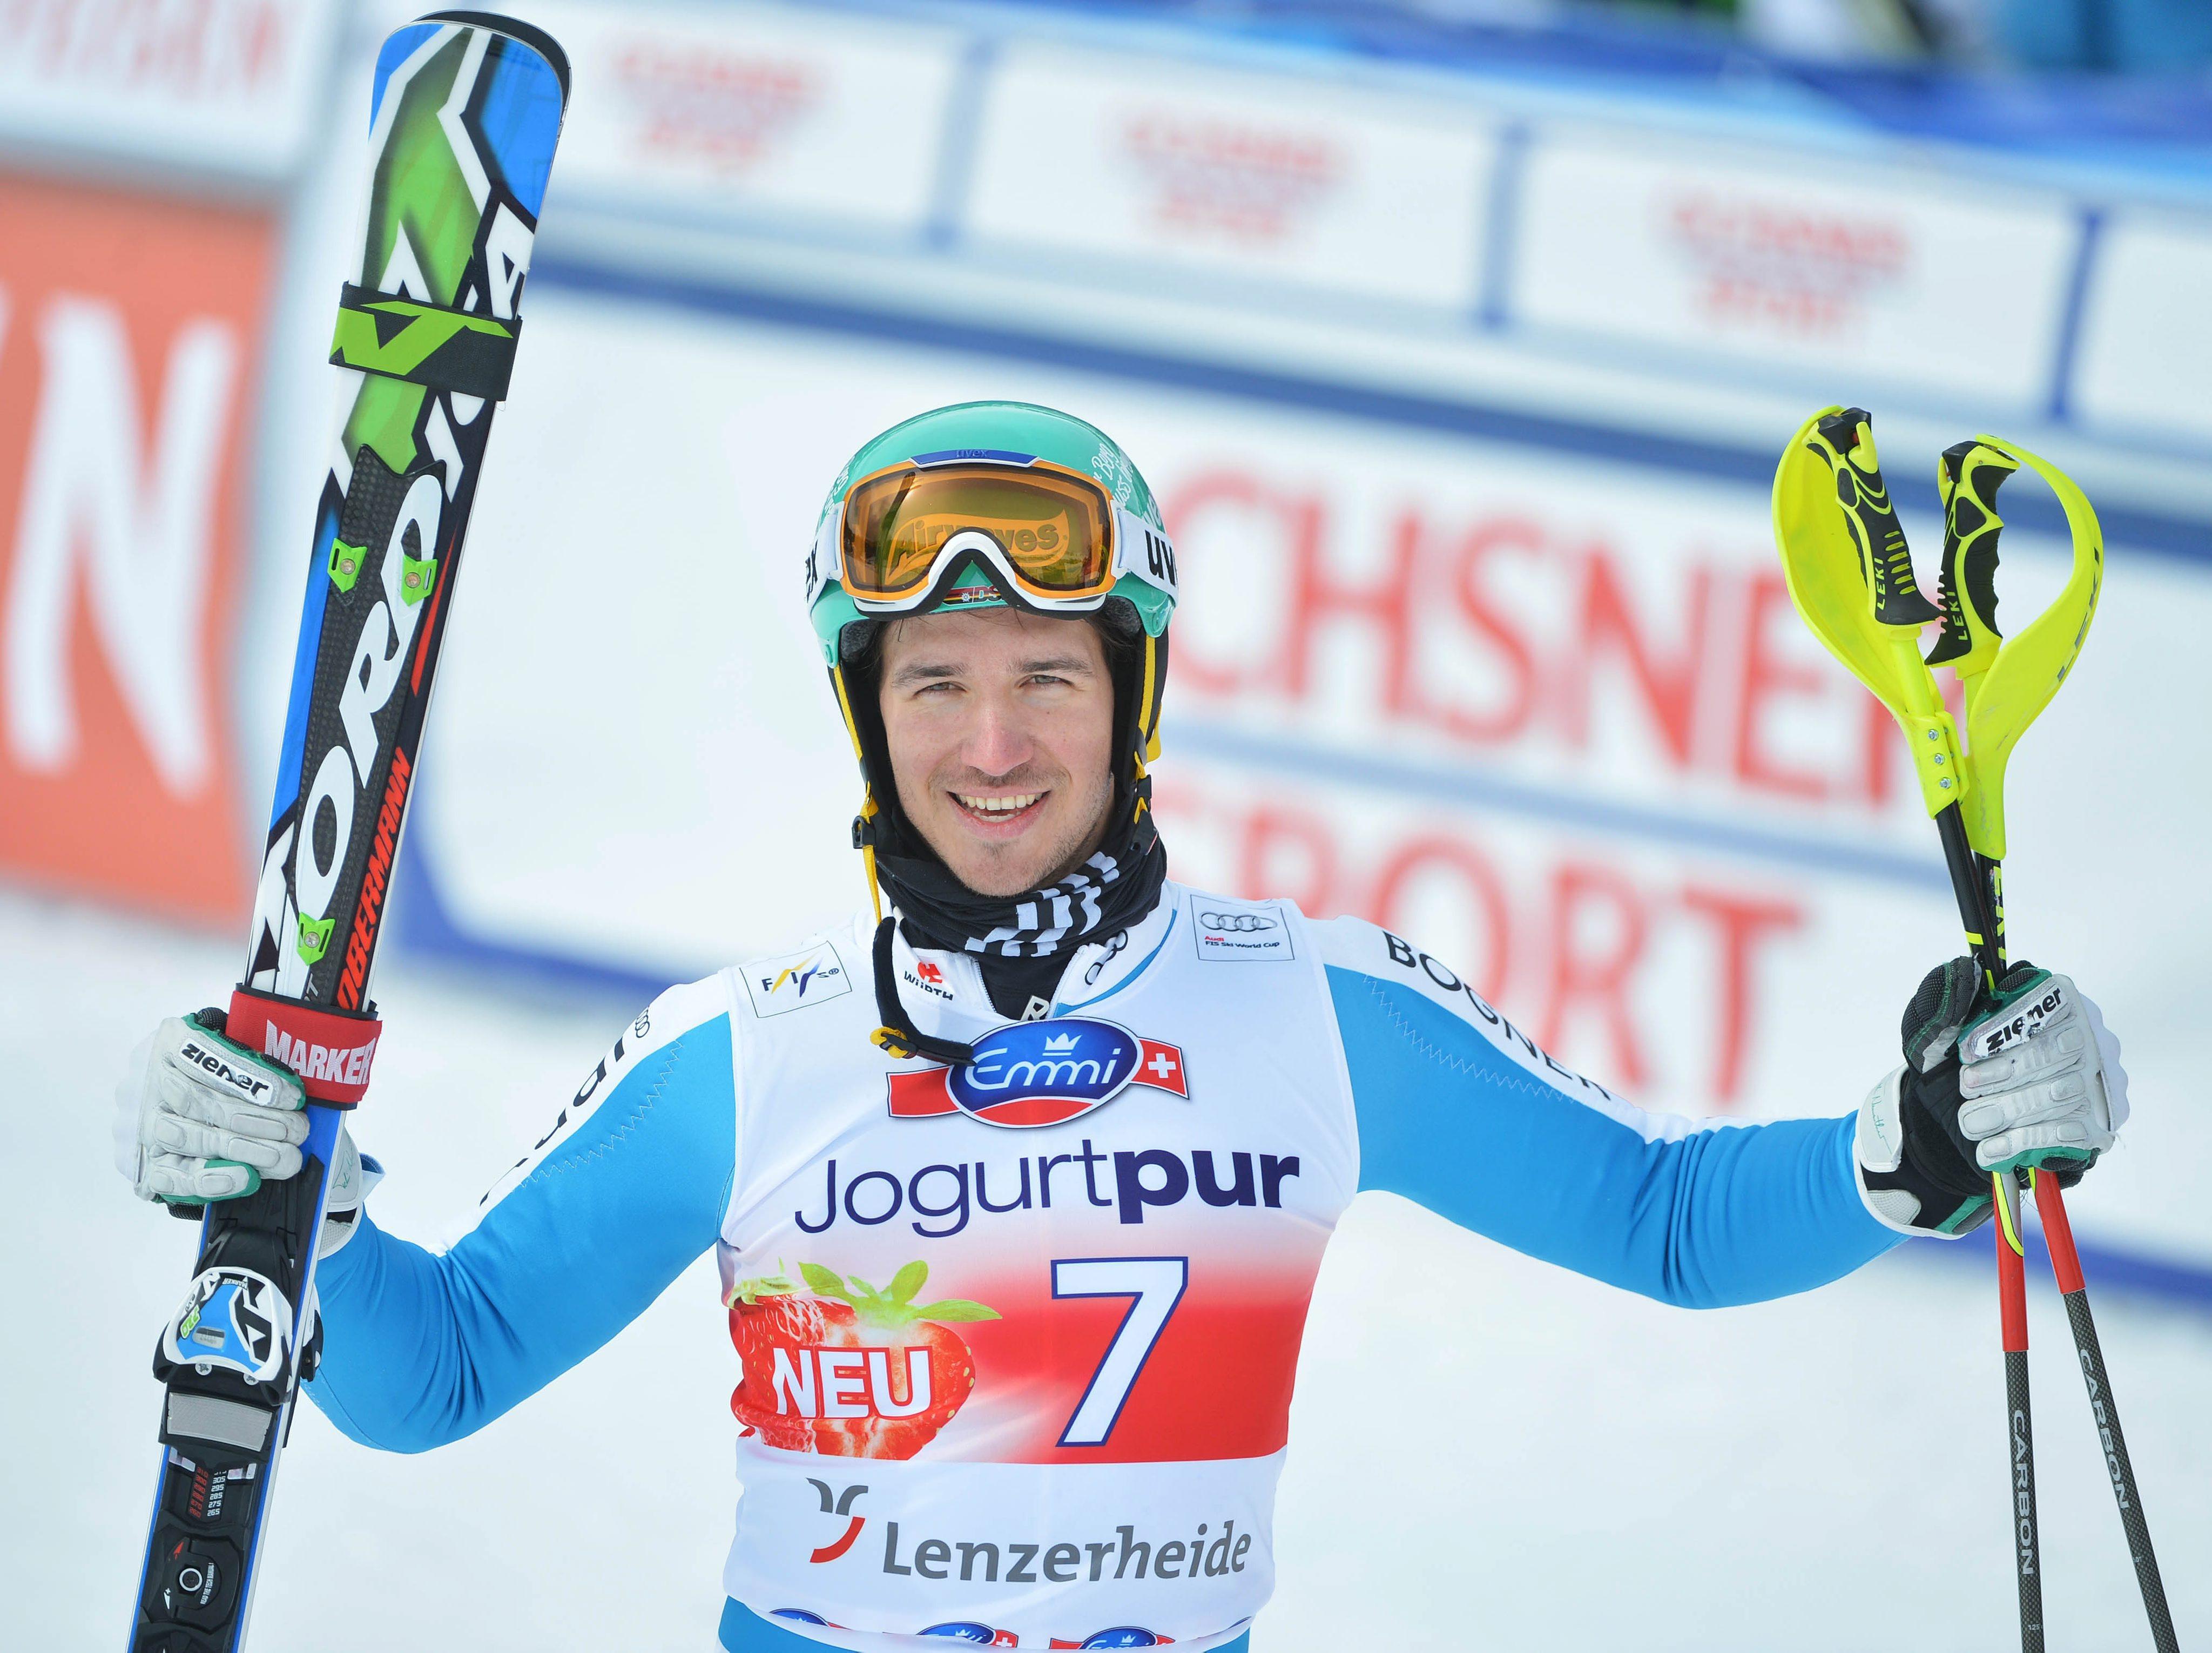 Феликс Нойройтер спечели последния слалом за сезона